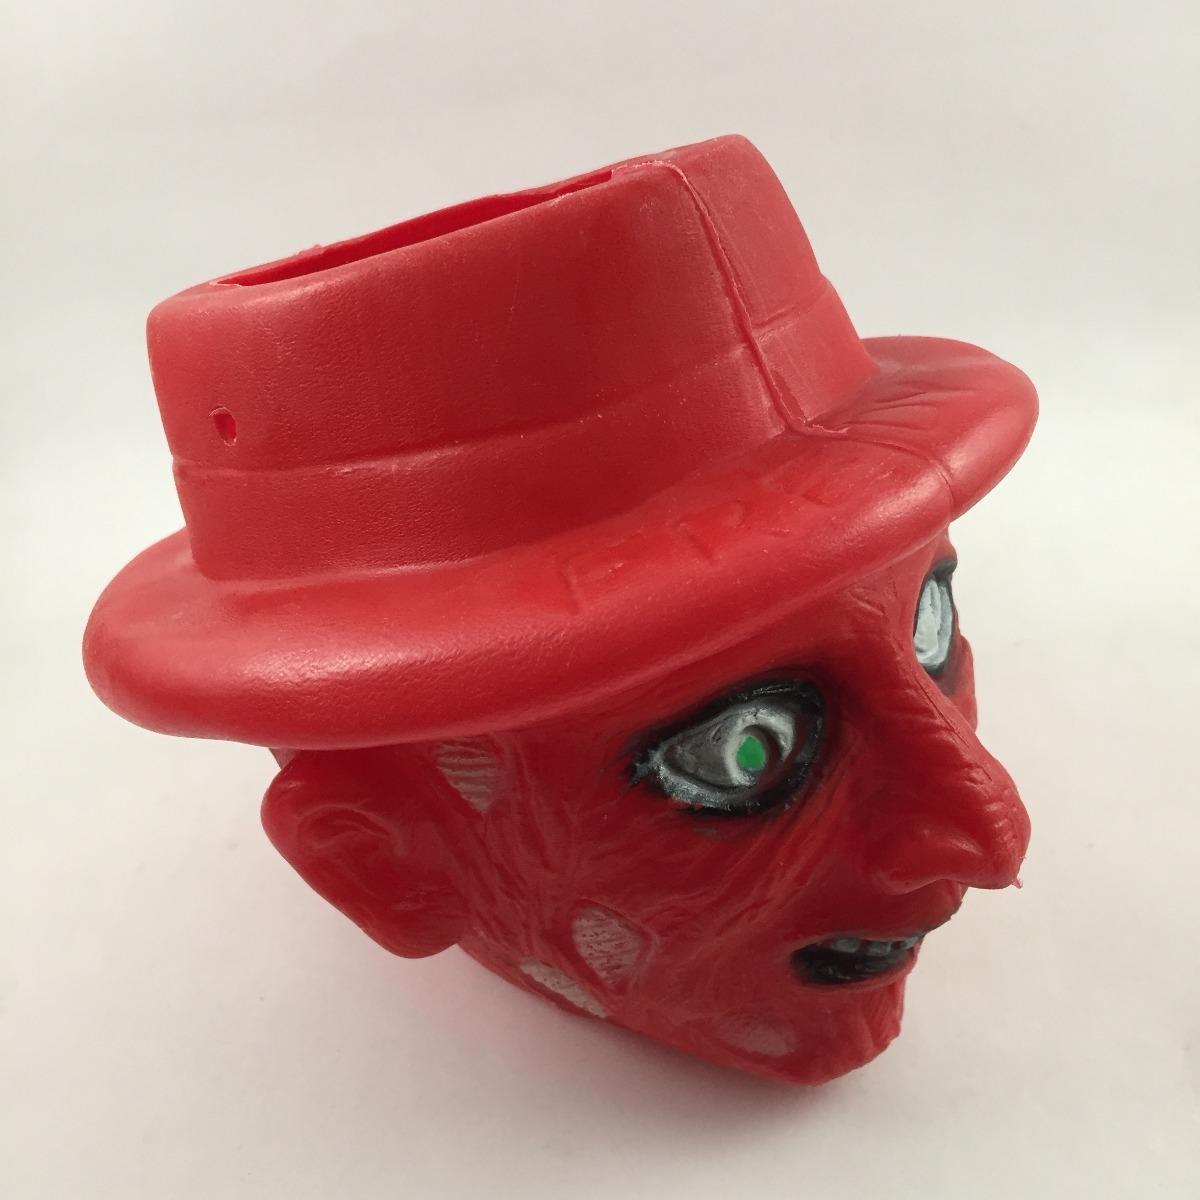 Juguete Bootleg Antiguo Bote 80's Freddy Krueger Halloween - $ 199 00